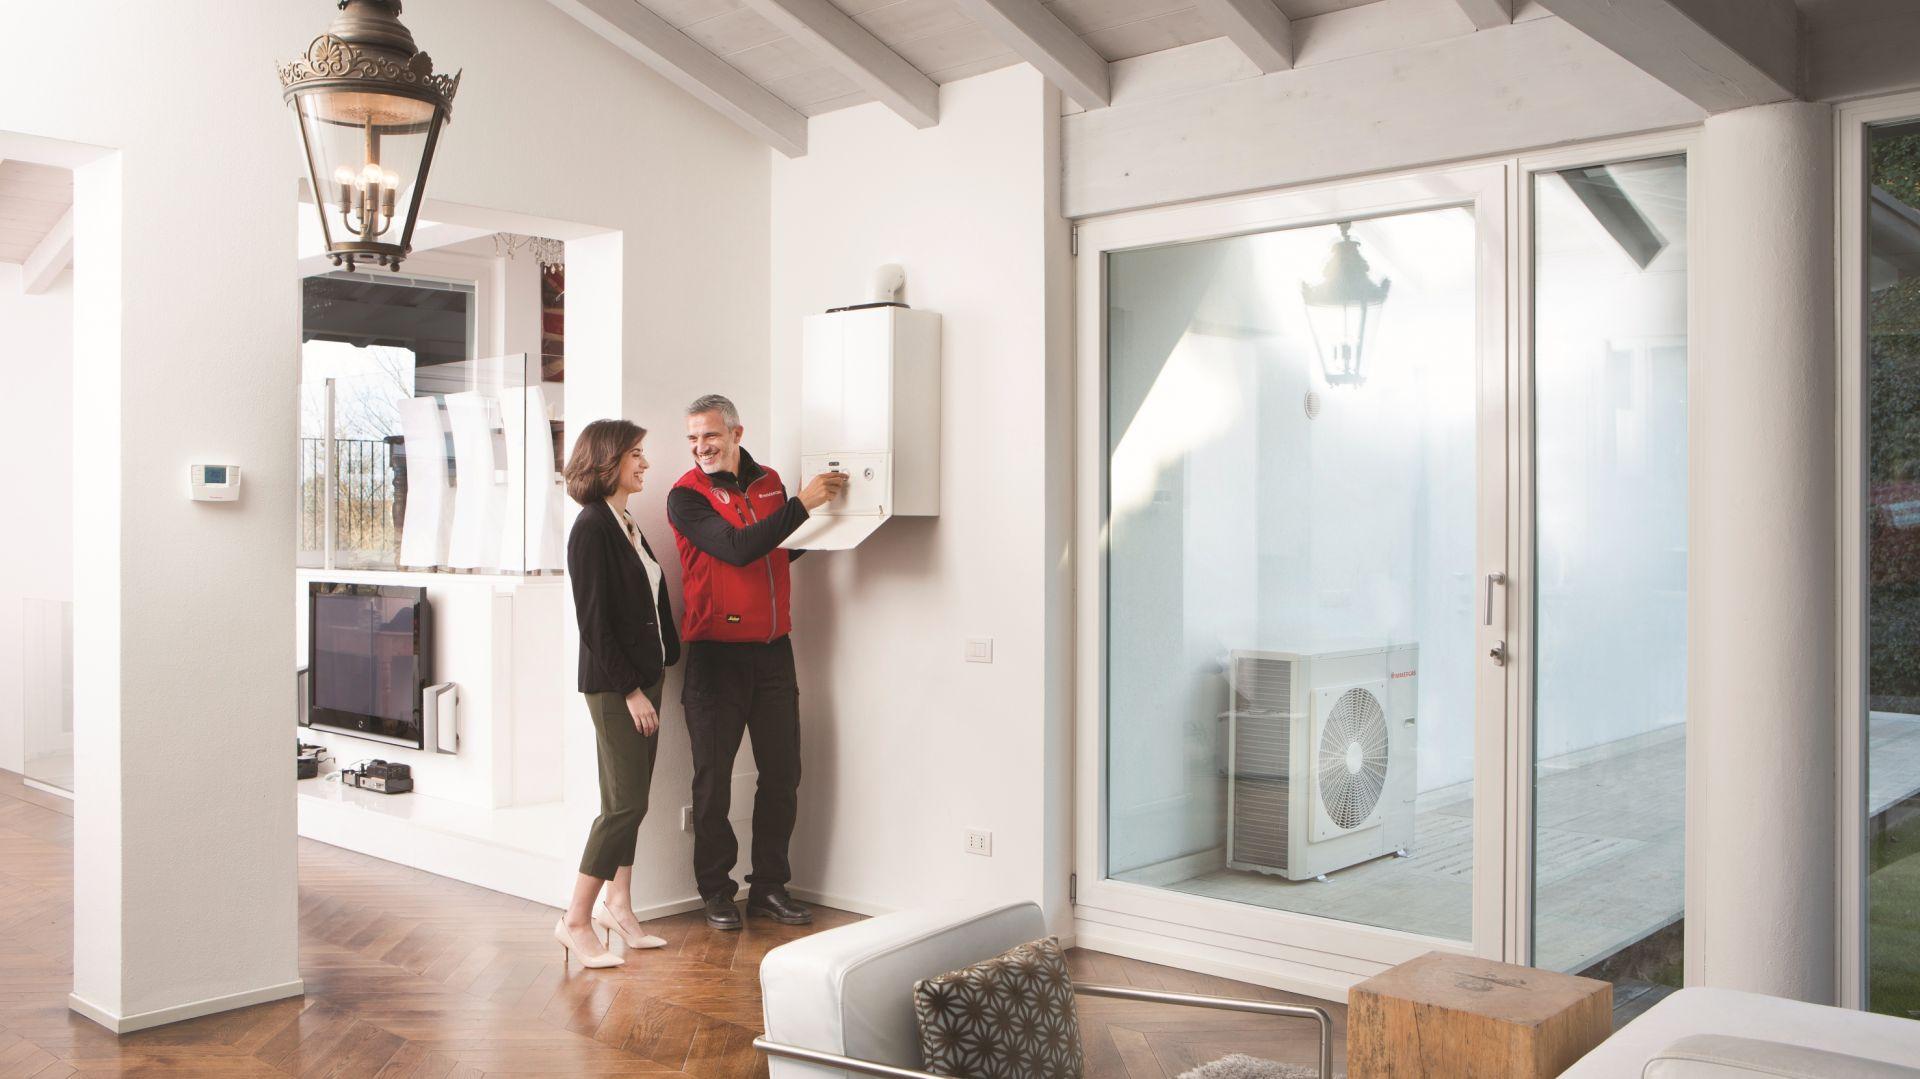 Kocioł kondensacyjny EXA może być instalowany niemal wszędzie, nawet w ciągu szafek kuchennych; intuicyjna obsługa. Fot. Immergas